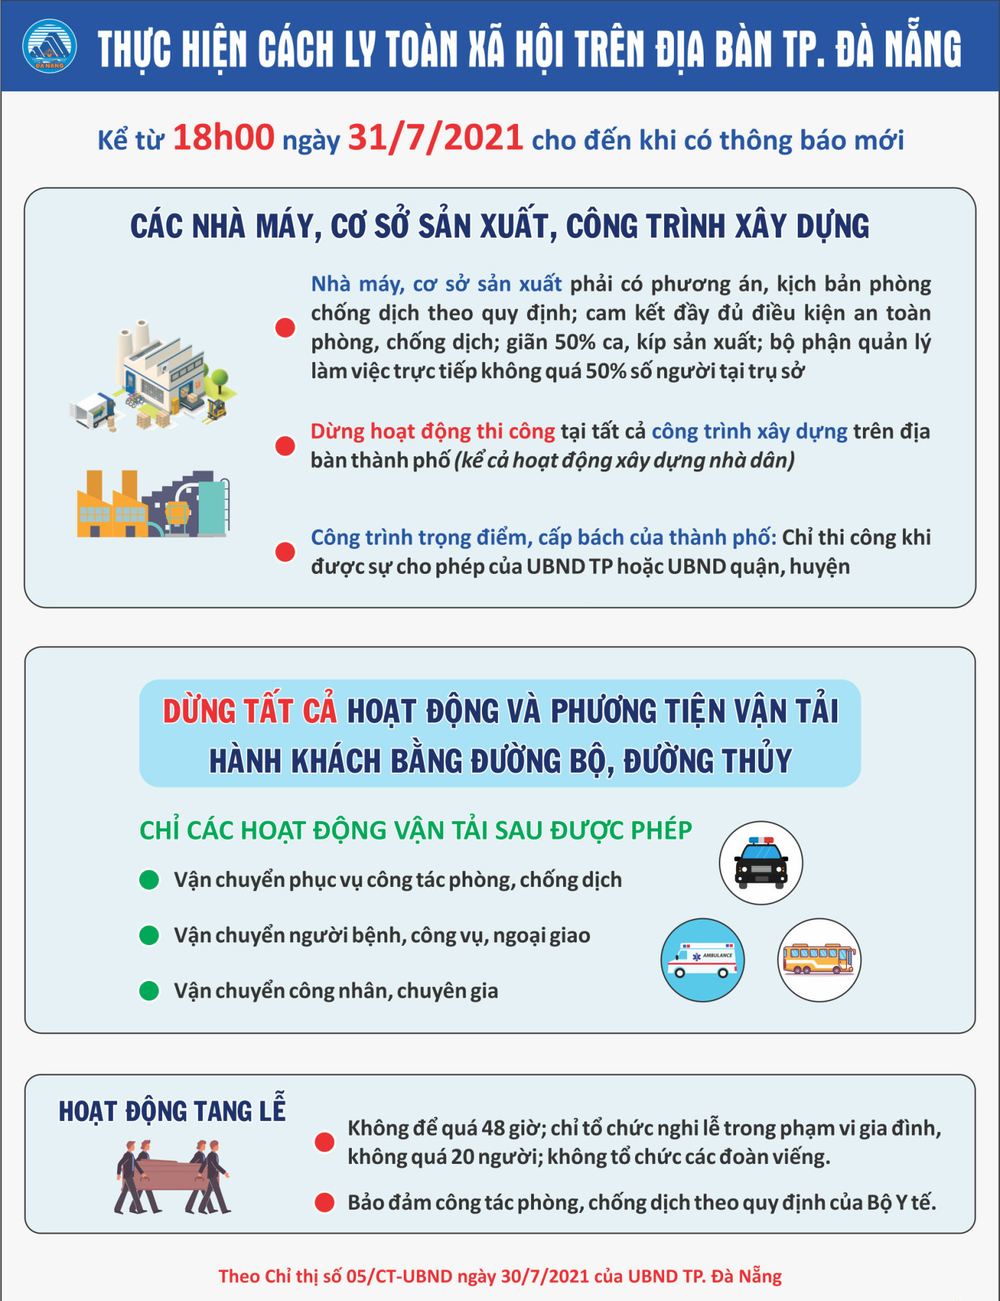 Cận cảnh đường phố Đà Nẵng khi thực hiện Chỉ thị 05, với các biện pháp mạnh hơn Chỉ thị 16 - Ảnh 9.